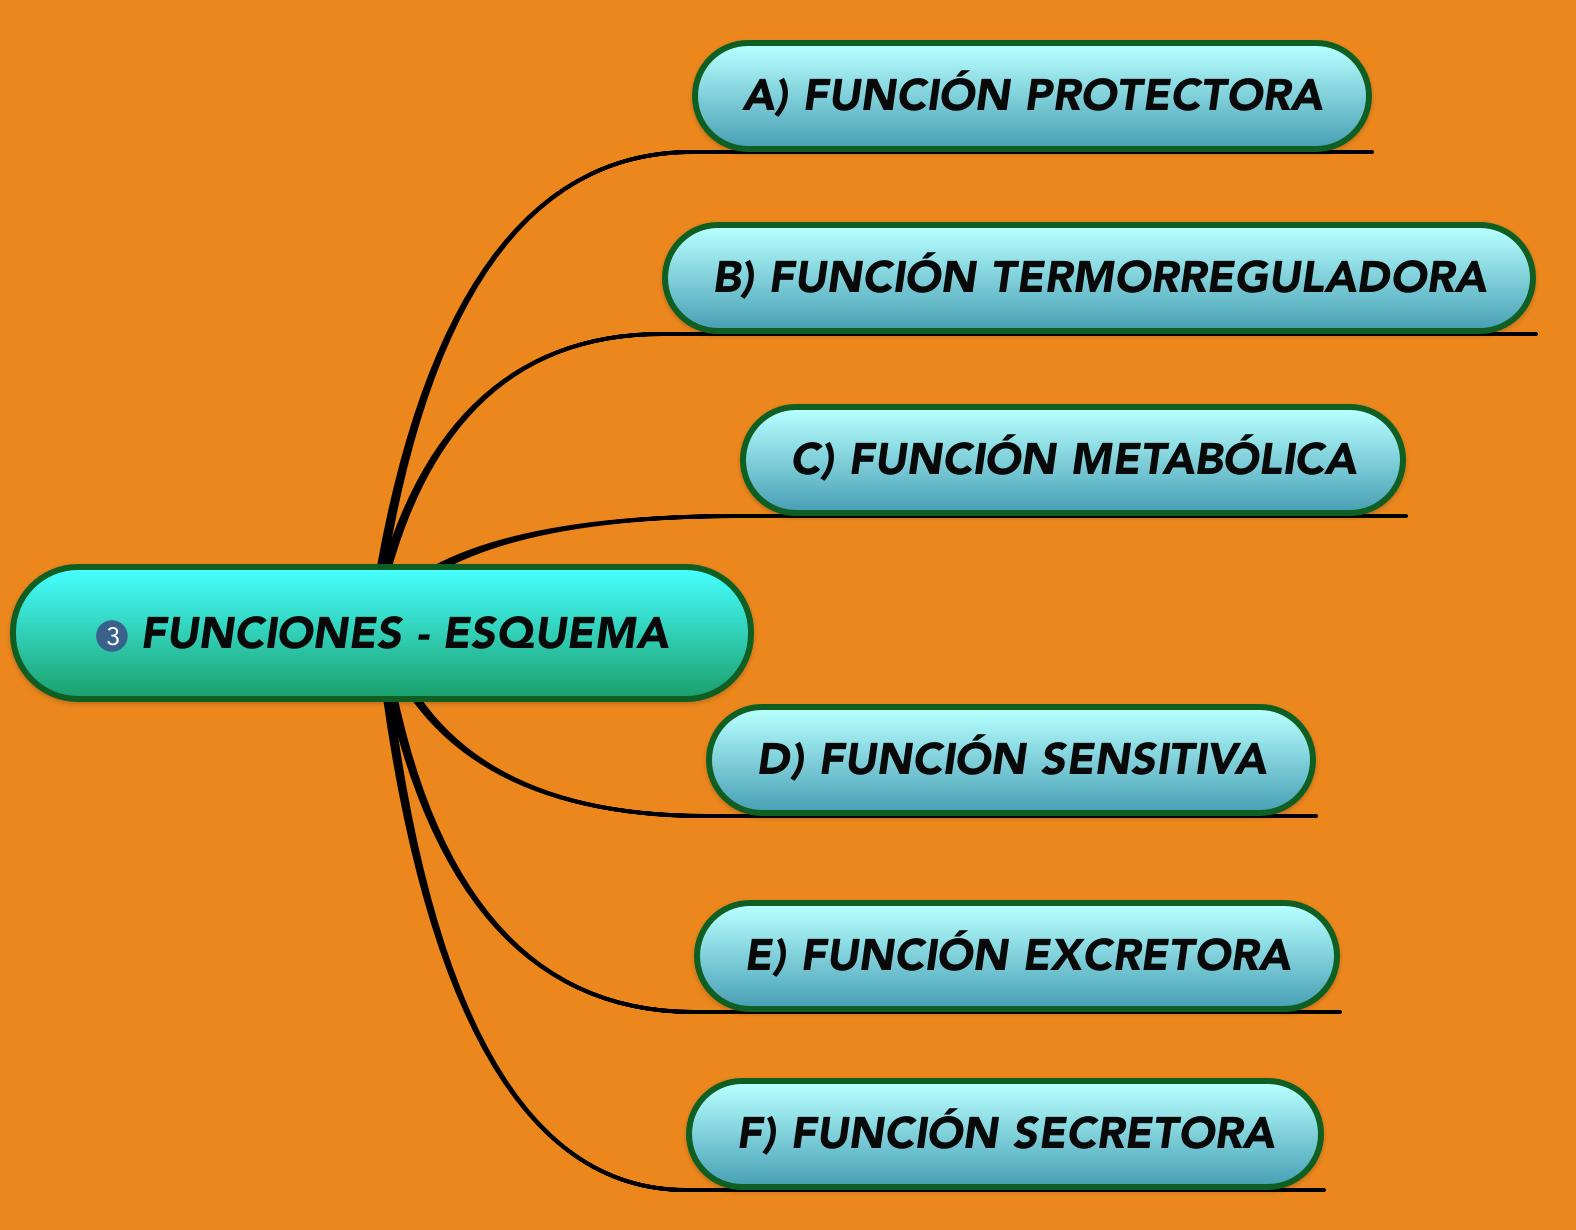 Funciones de la piel, #Función protectora, #Función metabólica ...